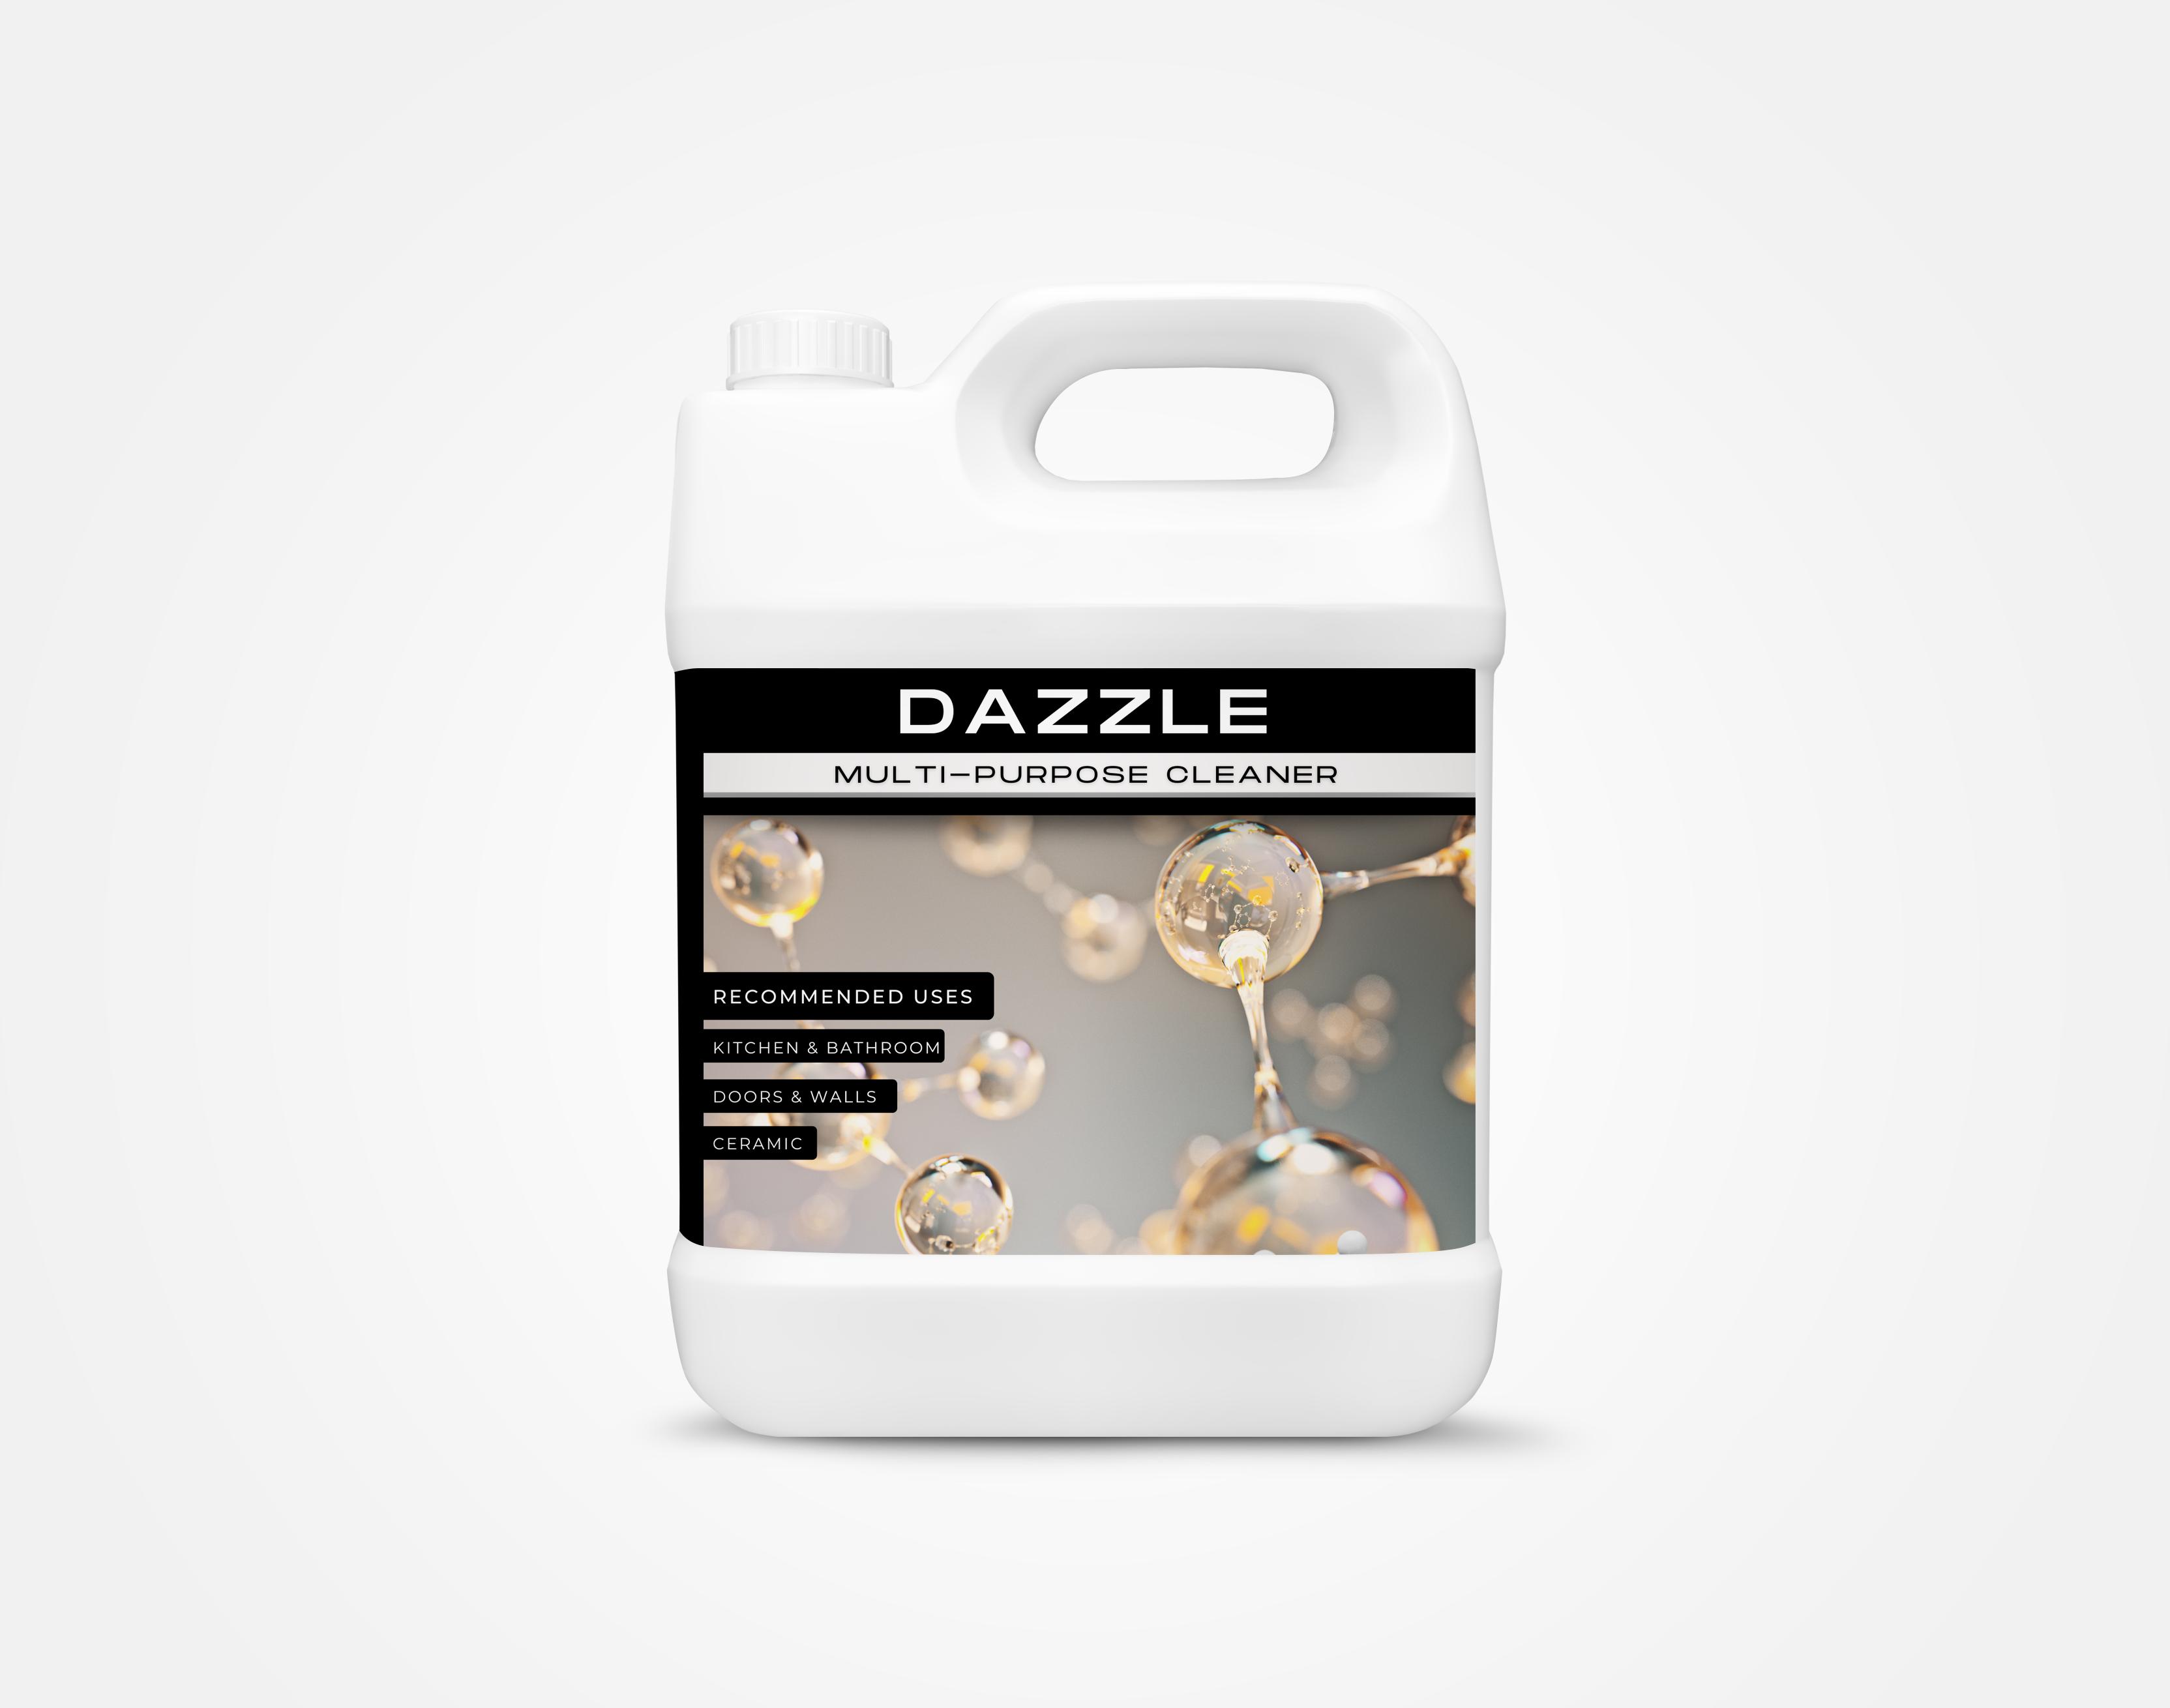 dazzle bulk